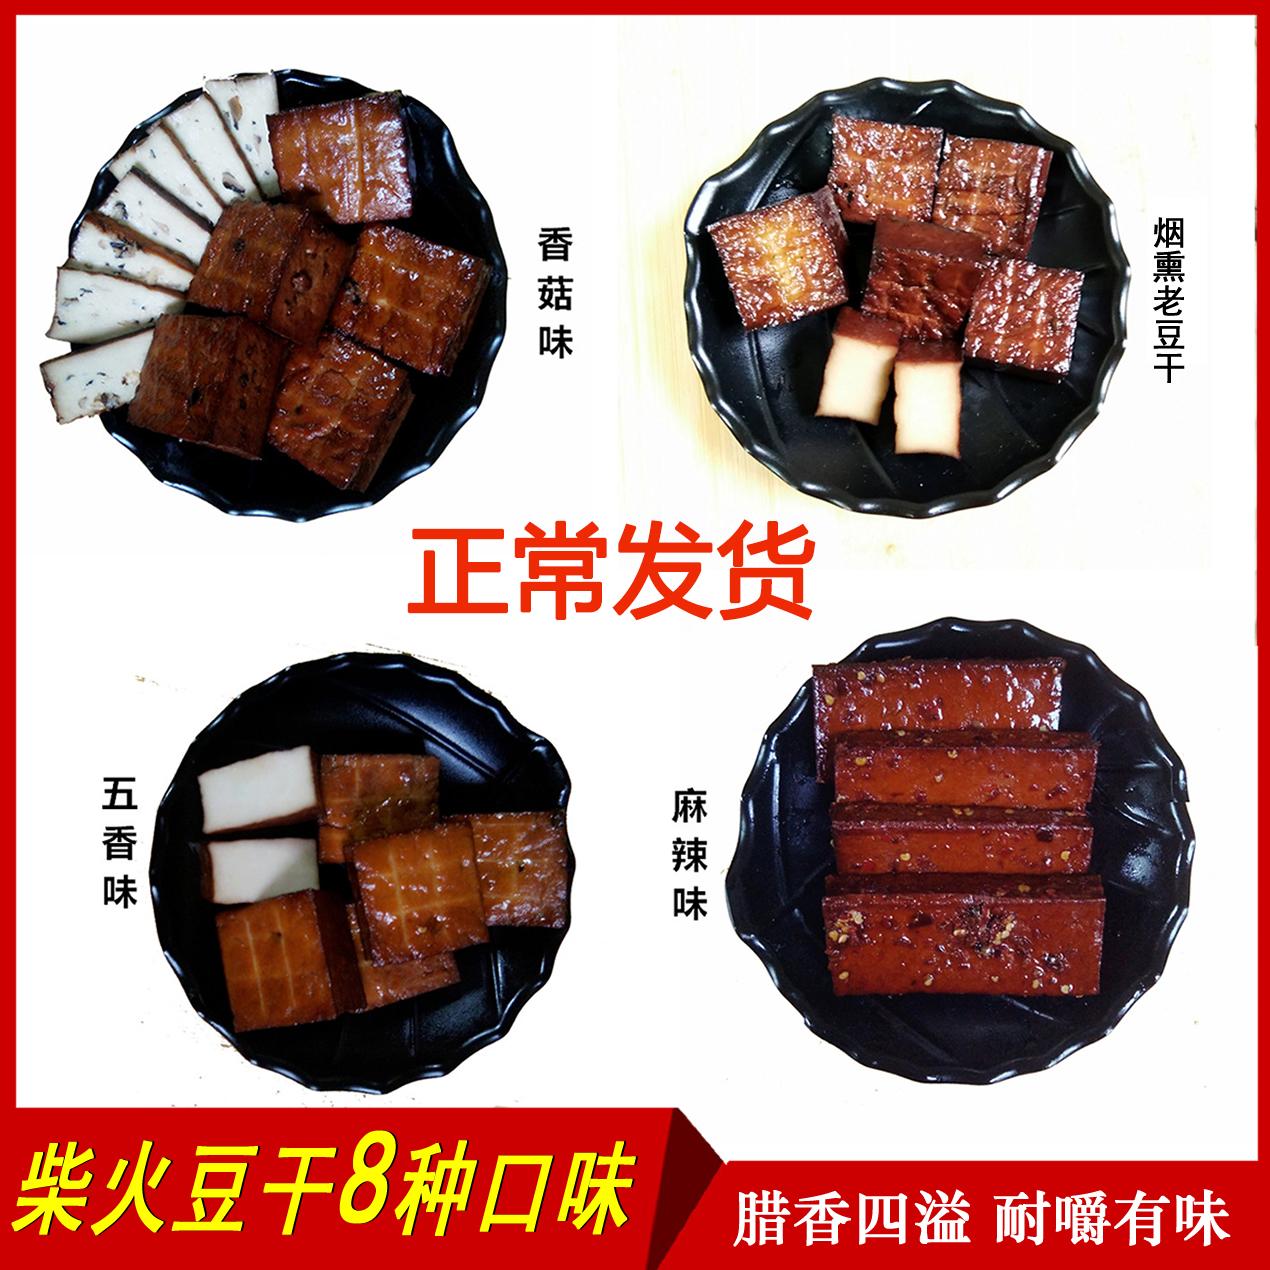 農家の柴と干し豆の小さな包装の間食は多くの味がします。四川省の豊富な古町の特産品です。